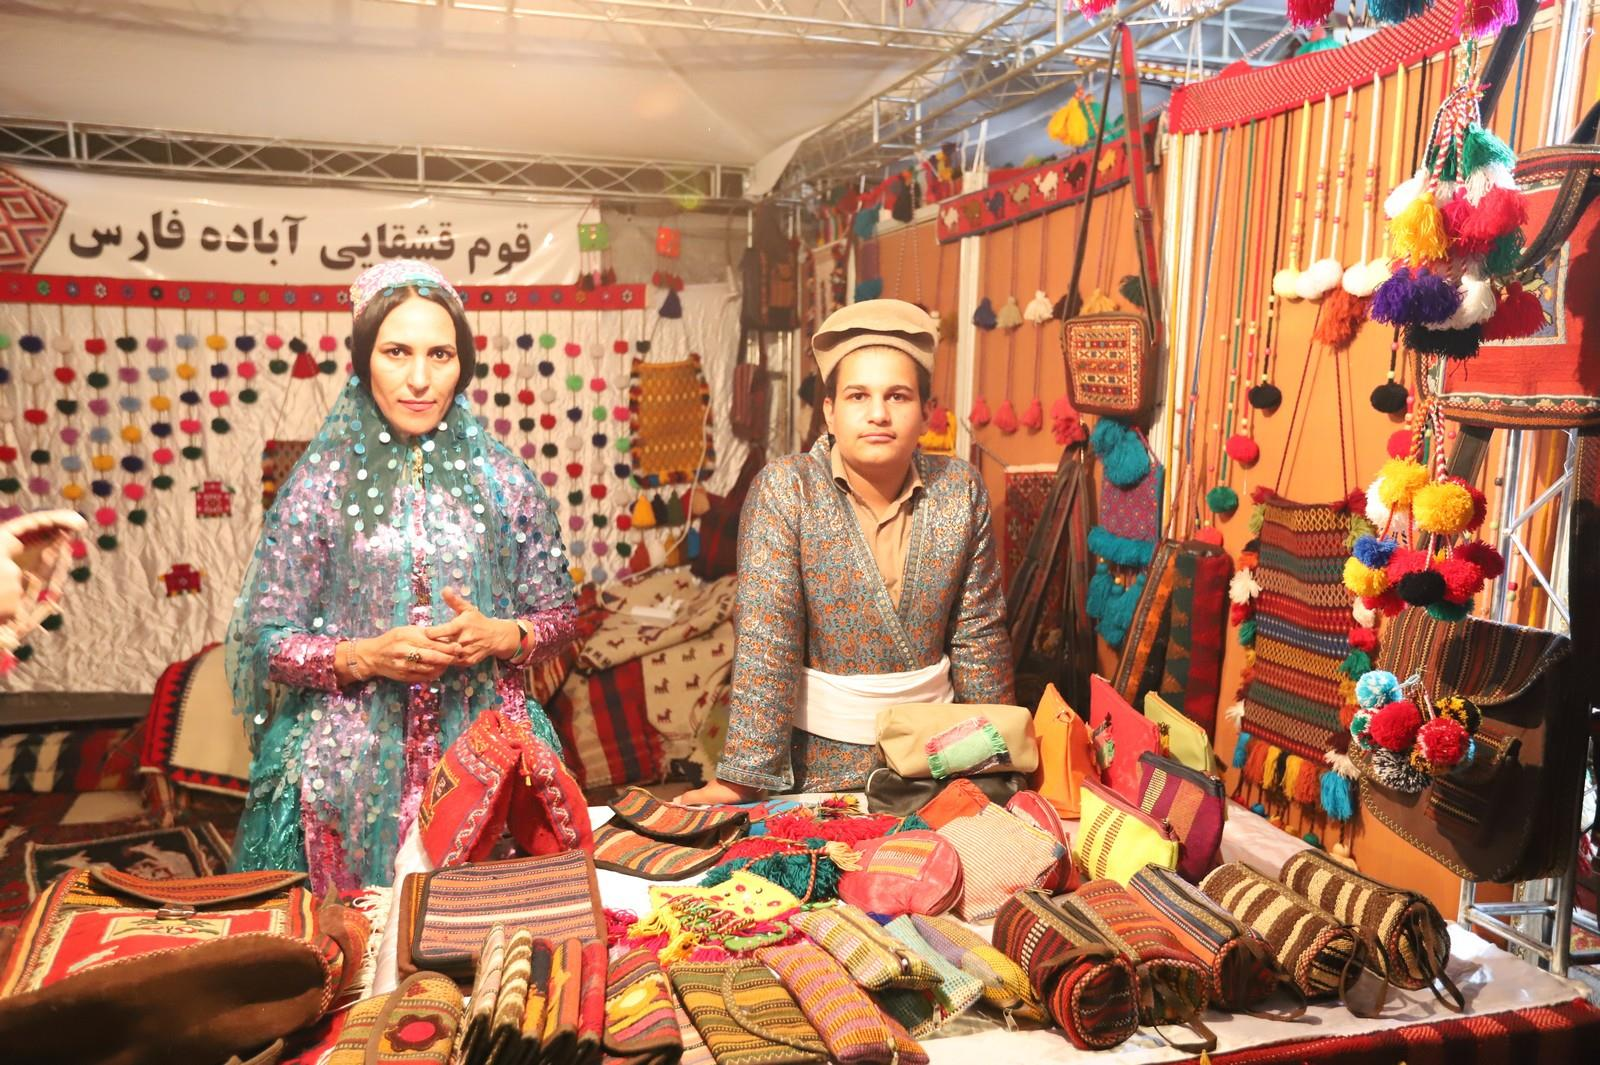 گشایش نمایشگاه توانمندی های روستاییان و عشایر فارس با حضور استاندار فارس